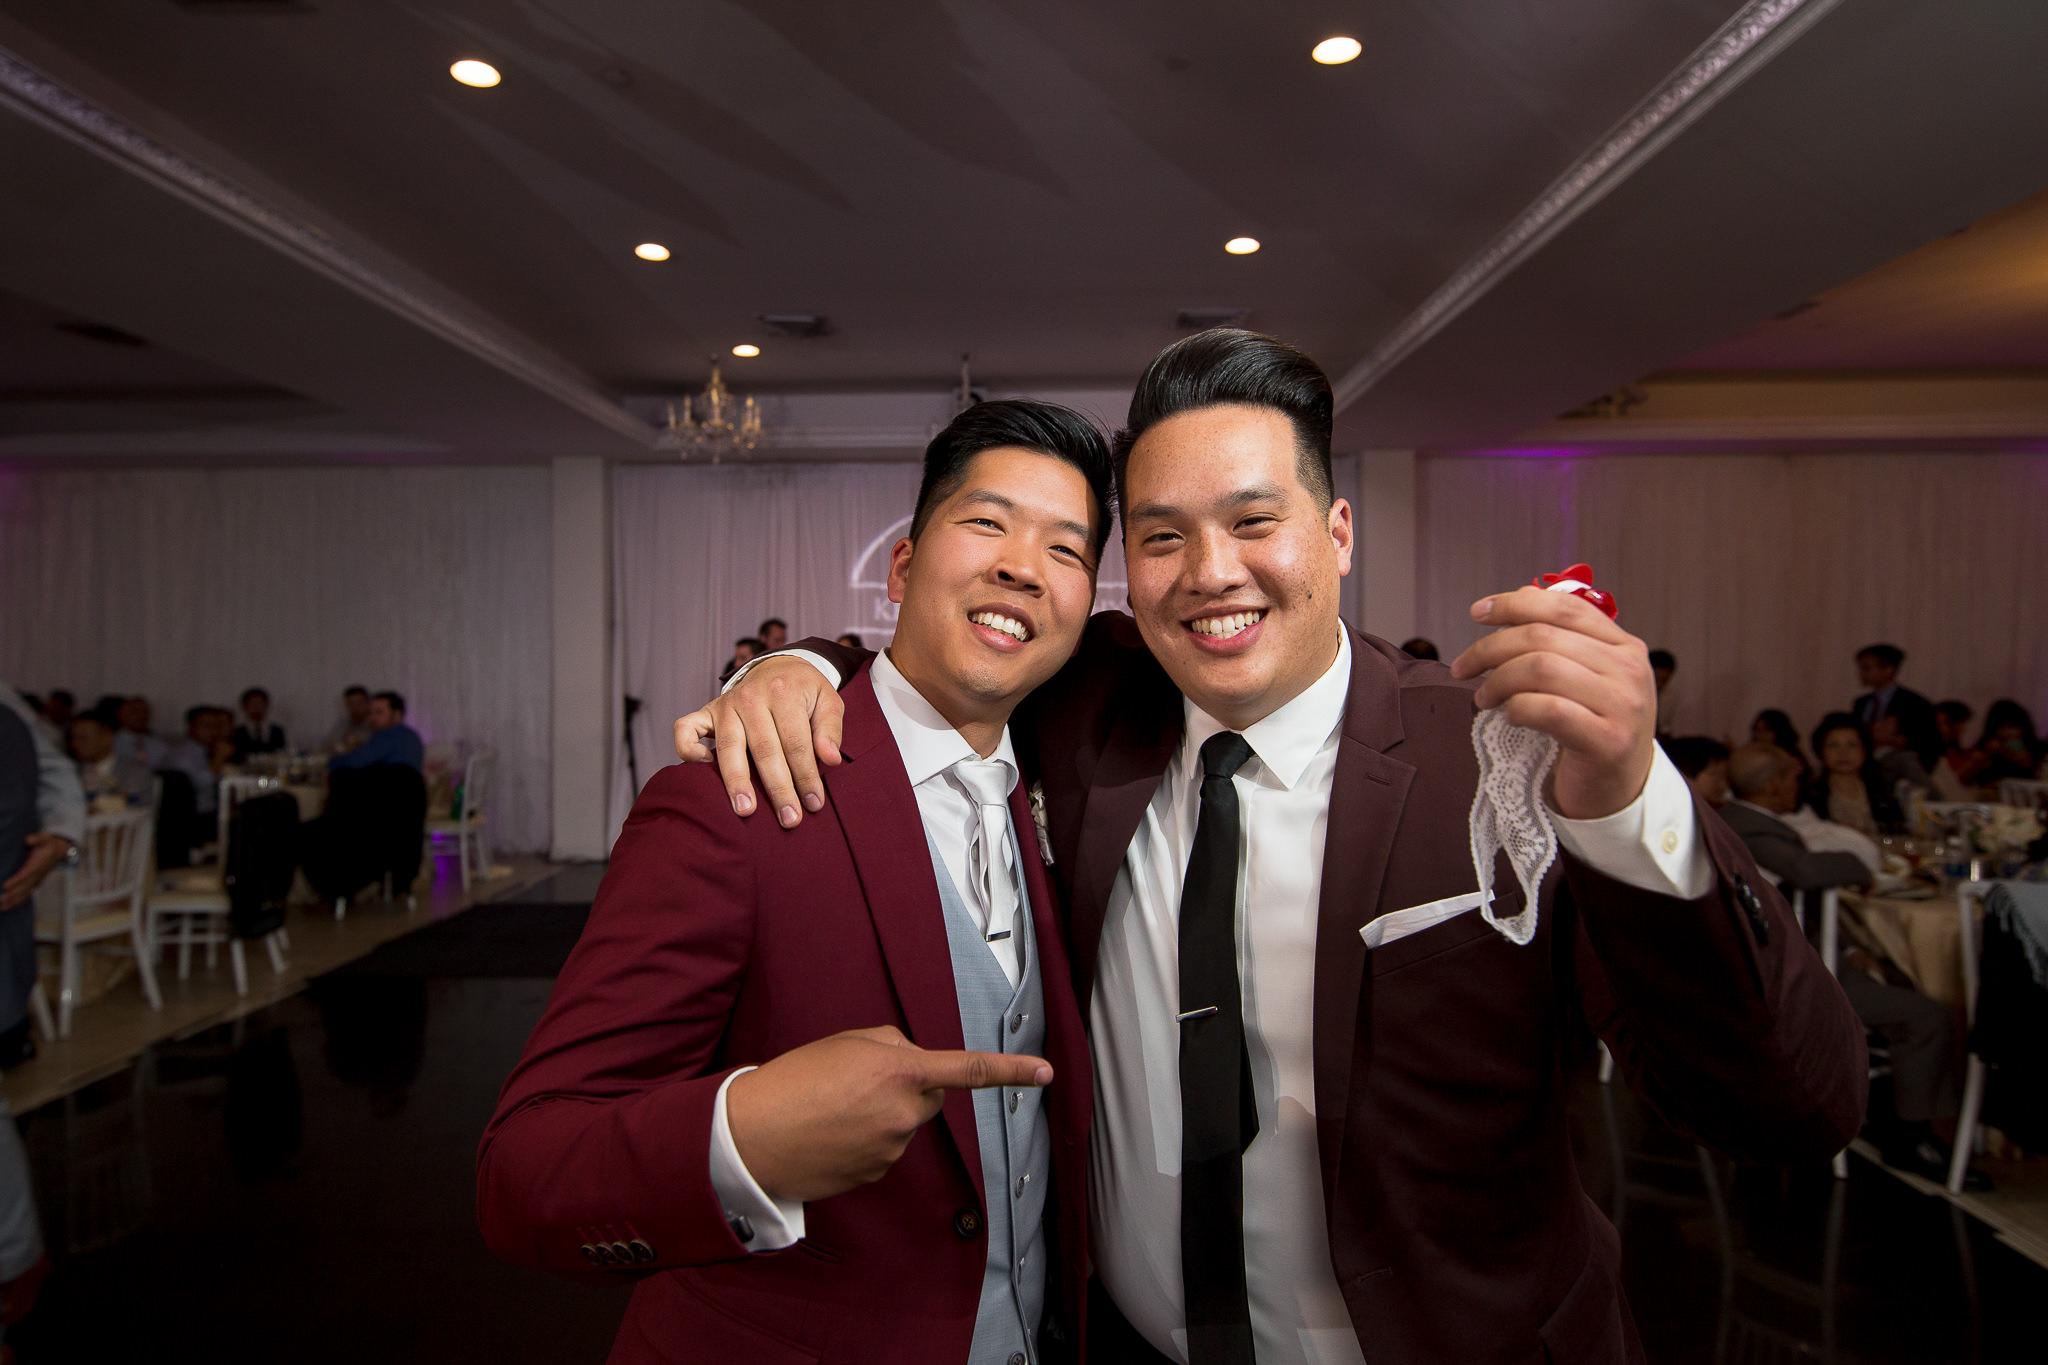 Wedding 3-107.jpg